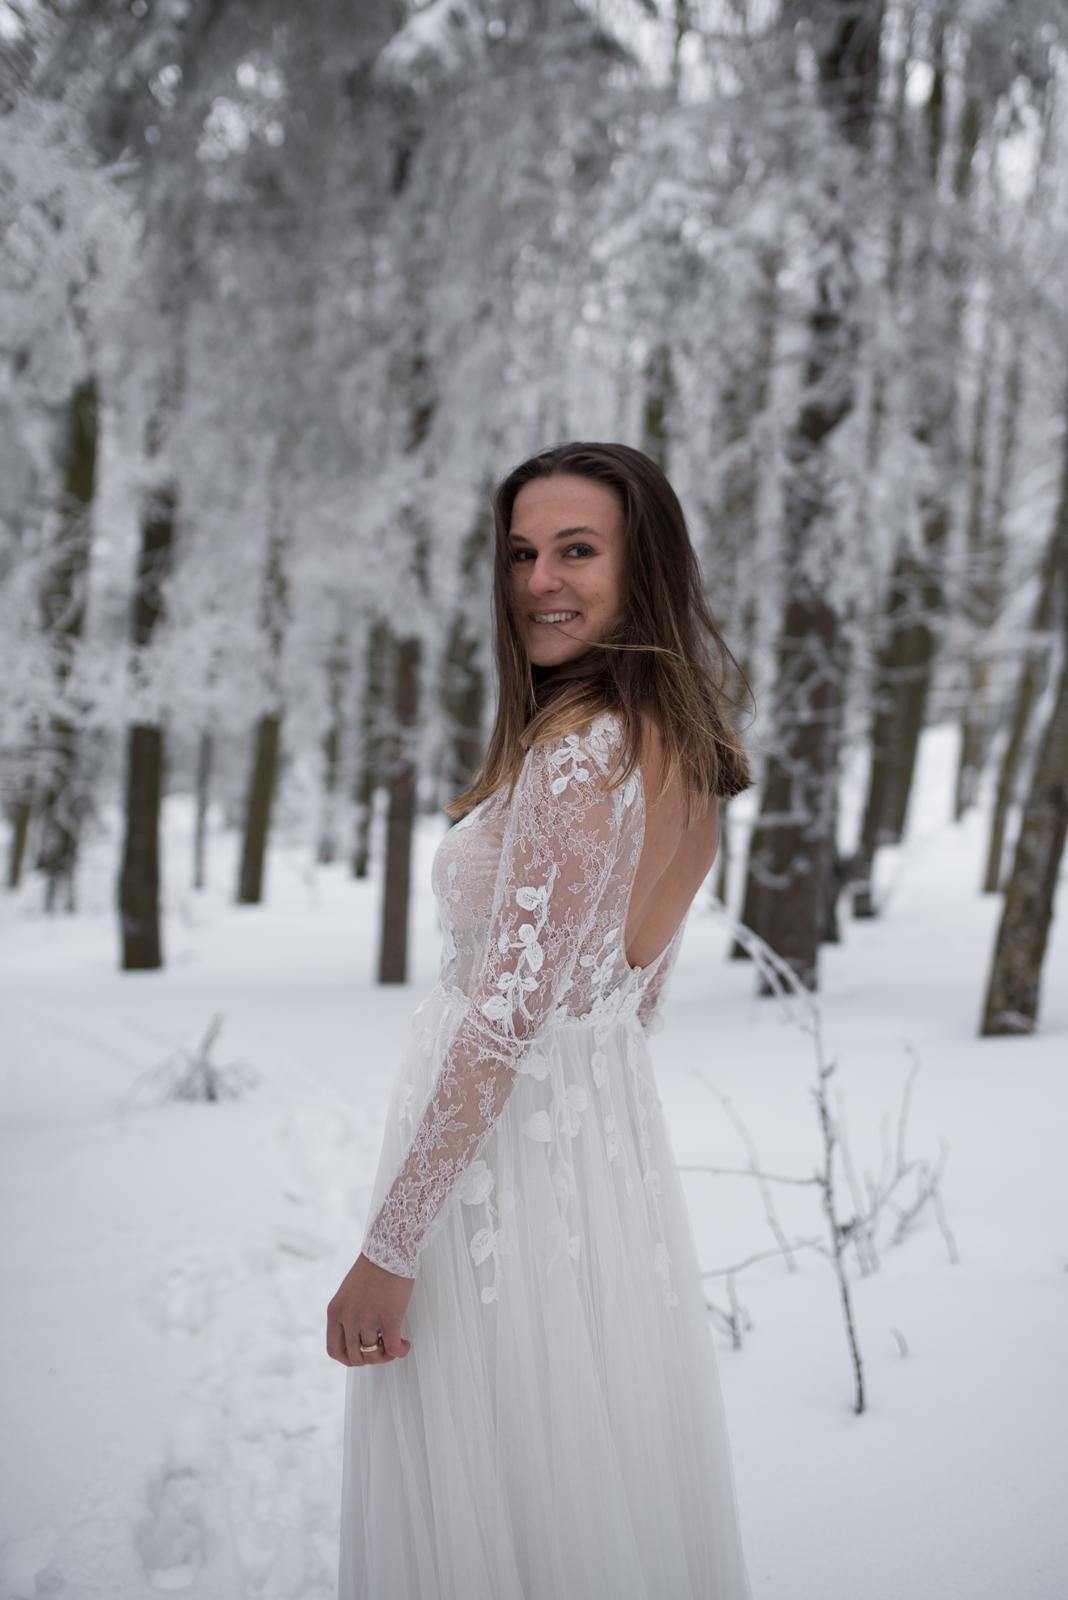 Anna Kara svadobne saty model Jude kolekcia 2020 - Obrázok č. 4